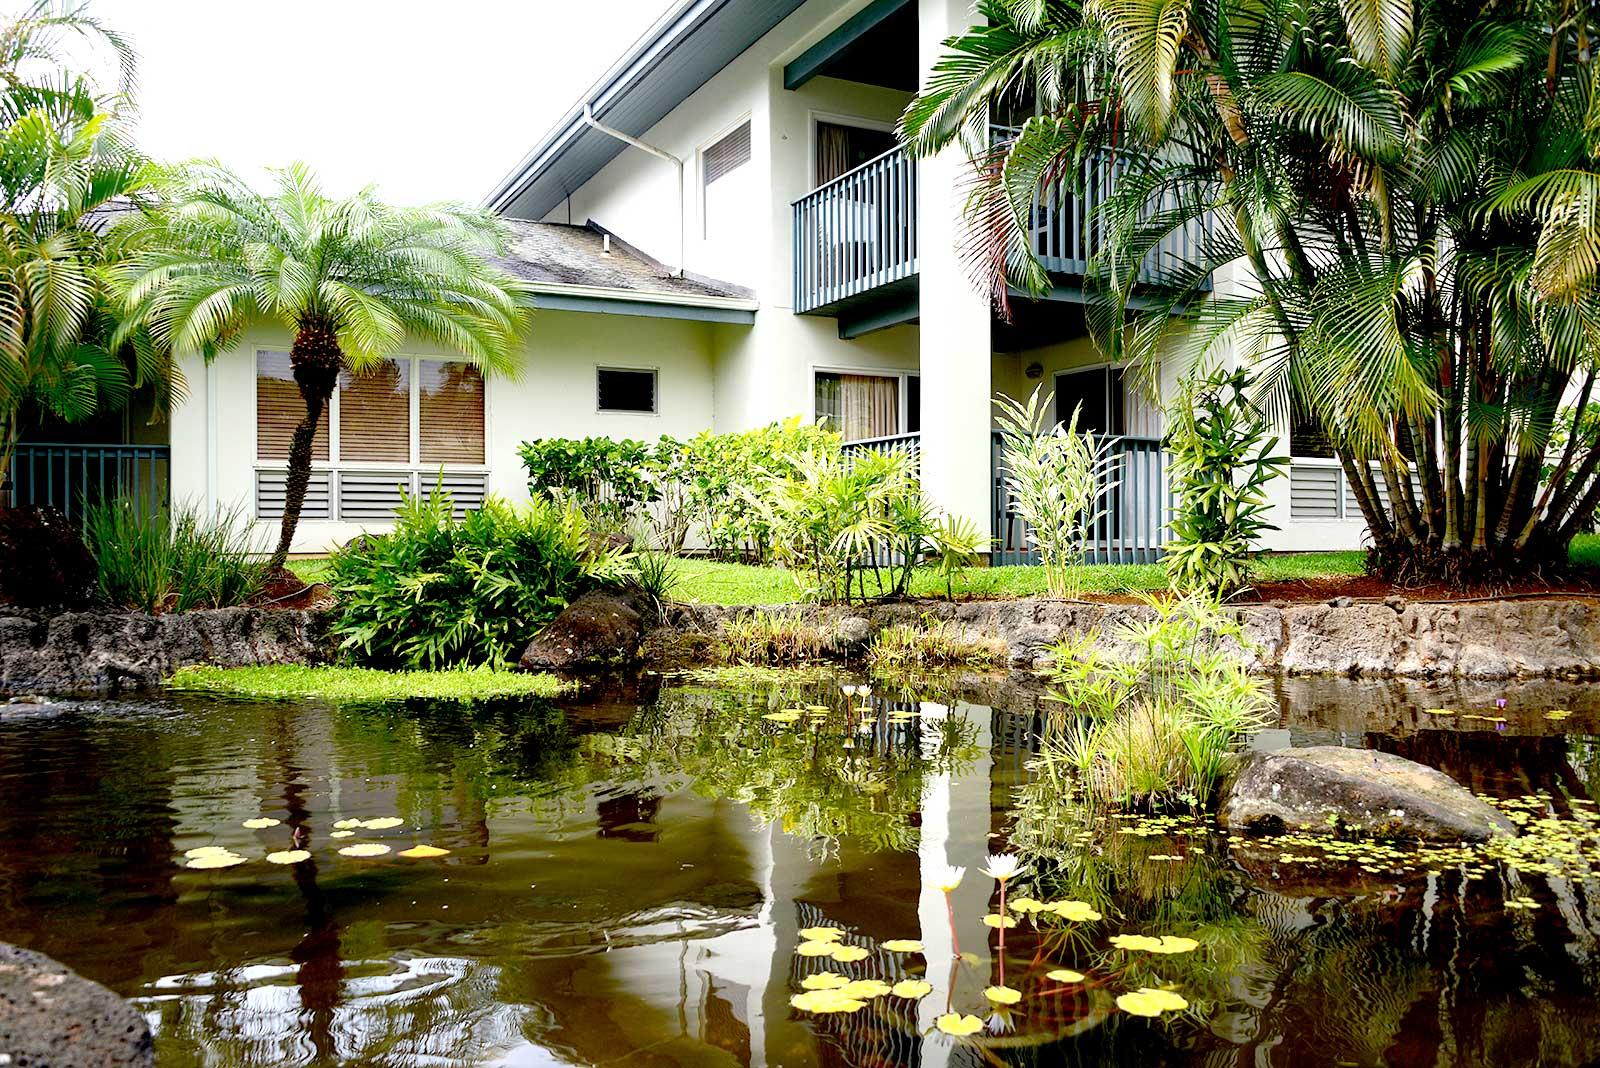 Pahio Bali Hai Kauai timeshare resales